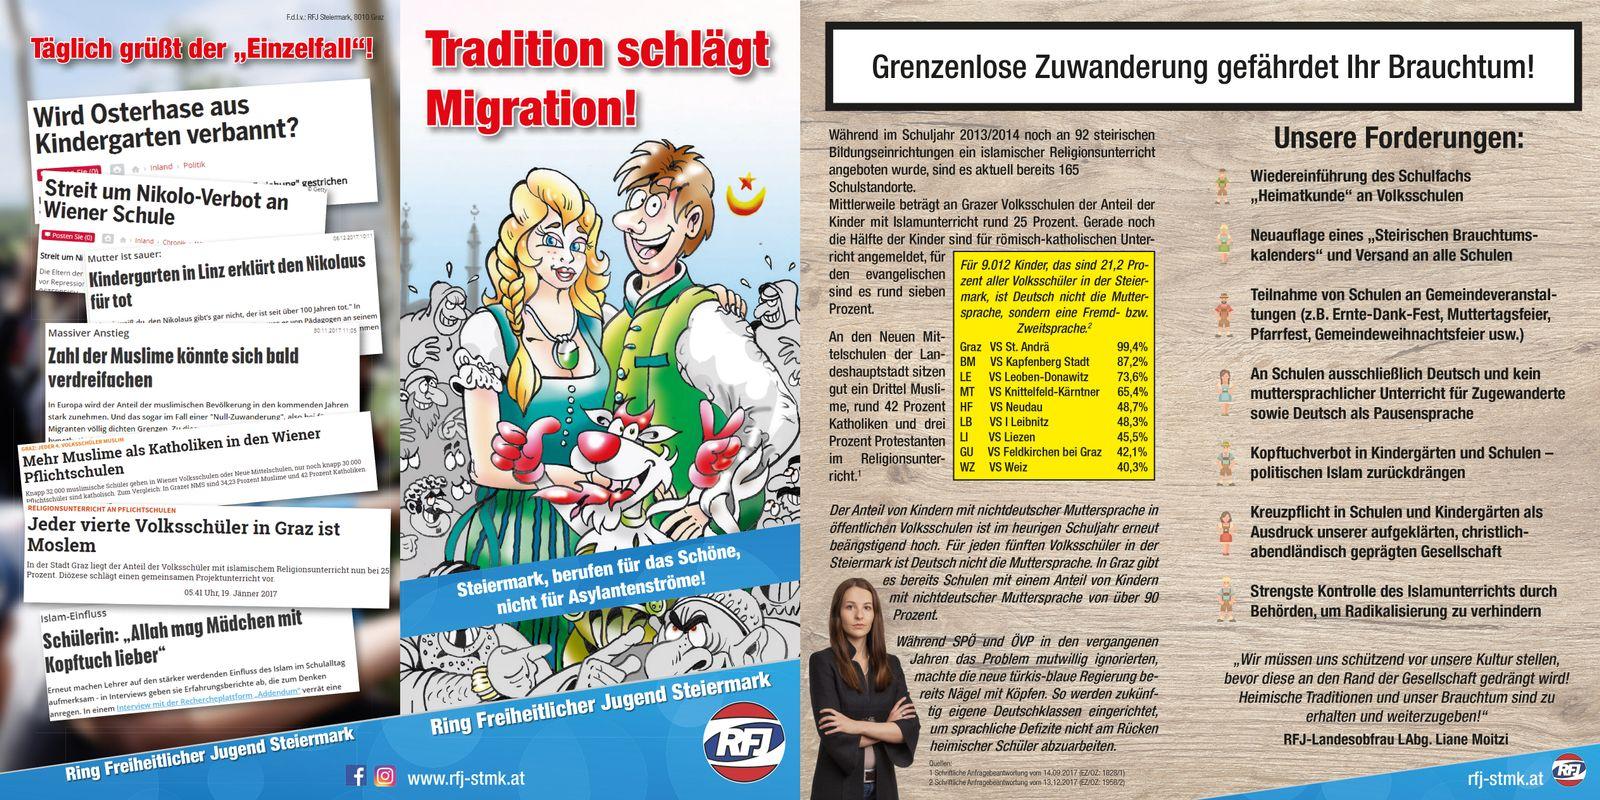 EINMALIGE VERWENDUNG Flyer/ Migration/ Kampagne/ RFJ